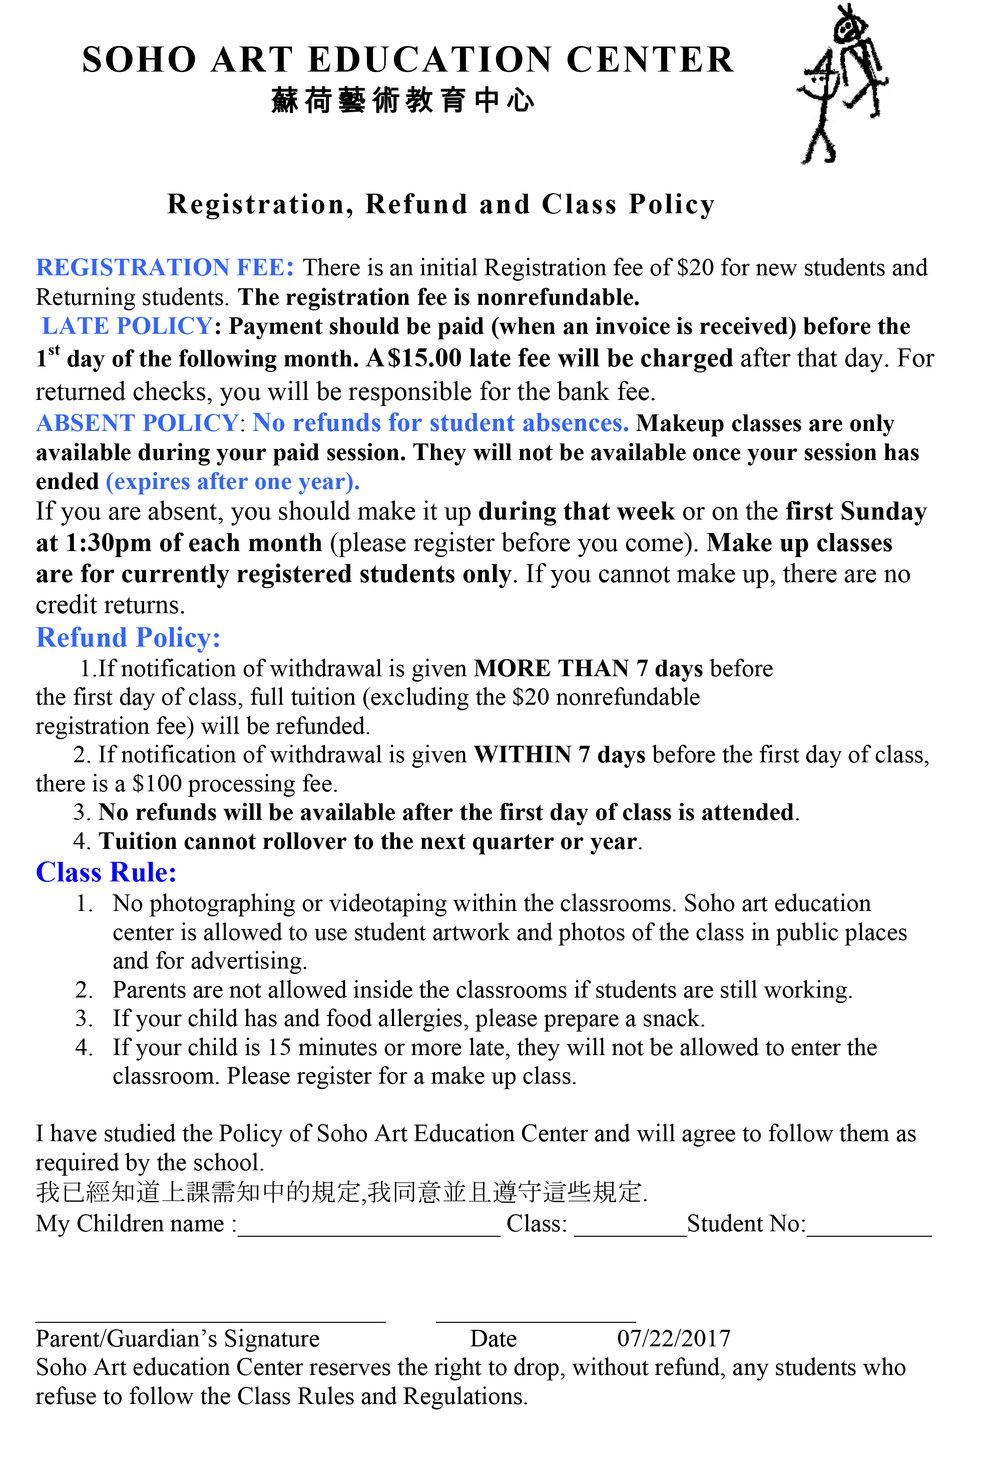 2017學校PolicyWEB-1.jpg